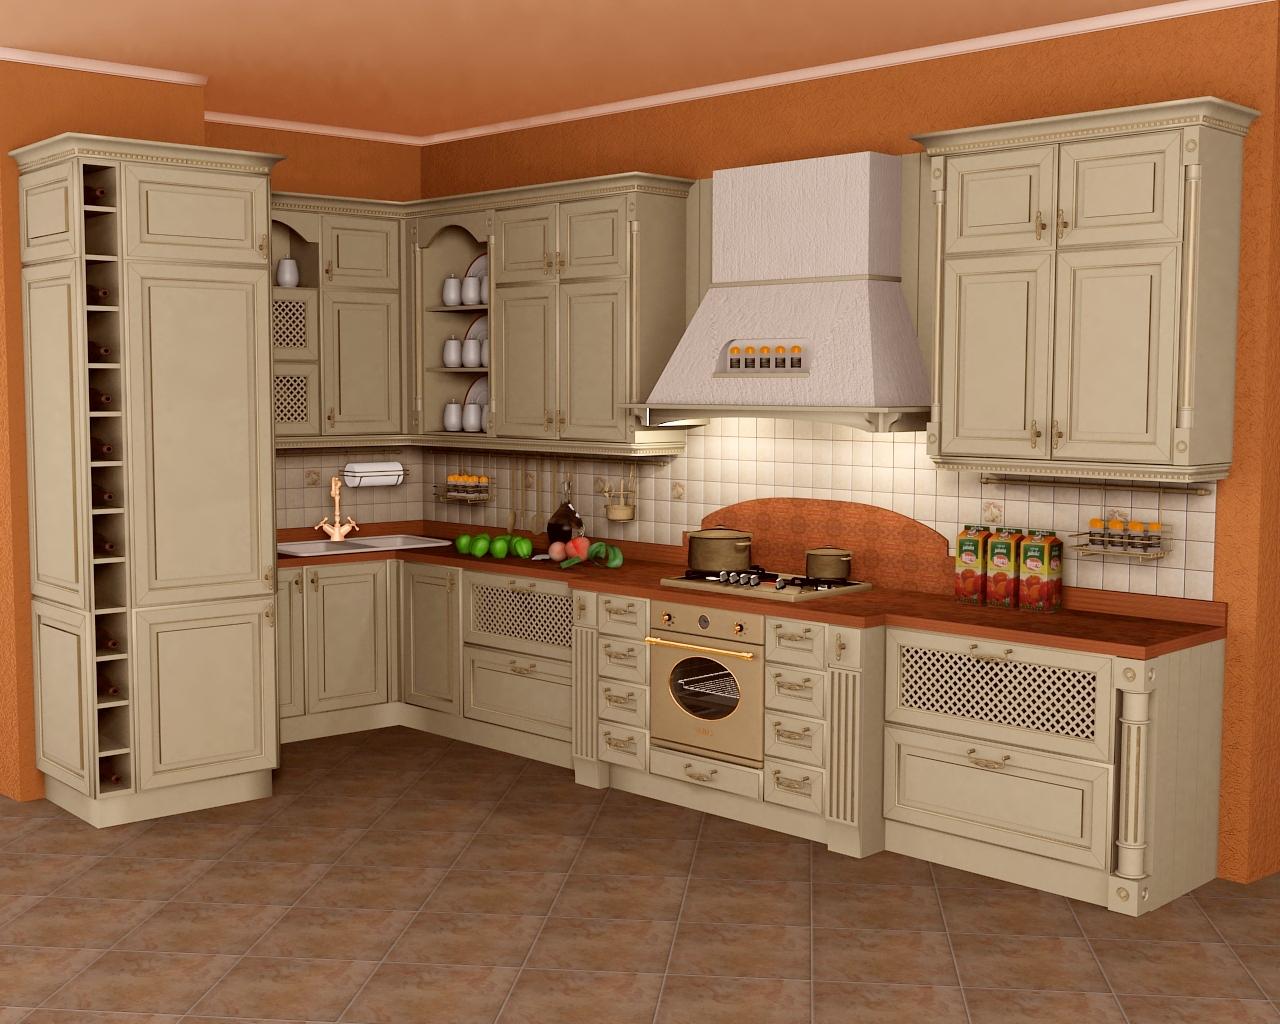 Польская кухня фото